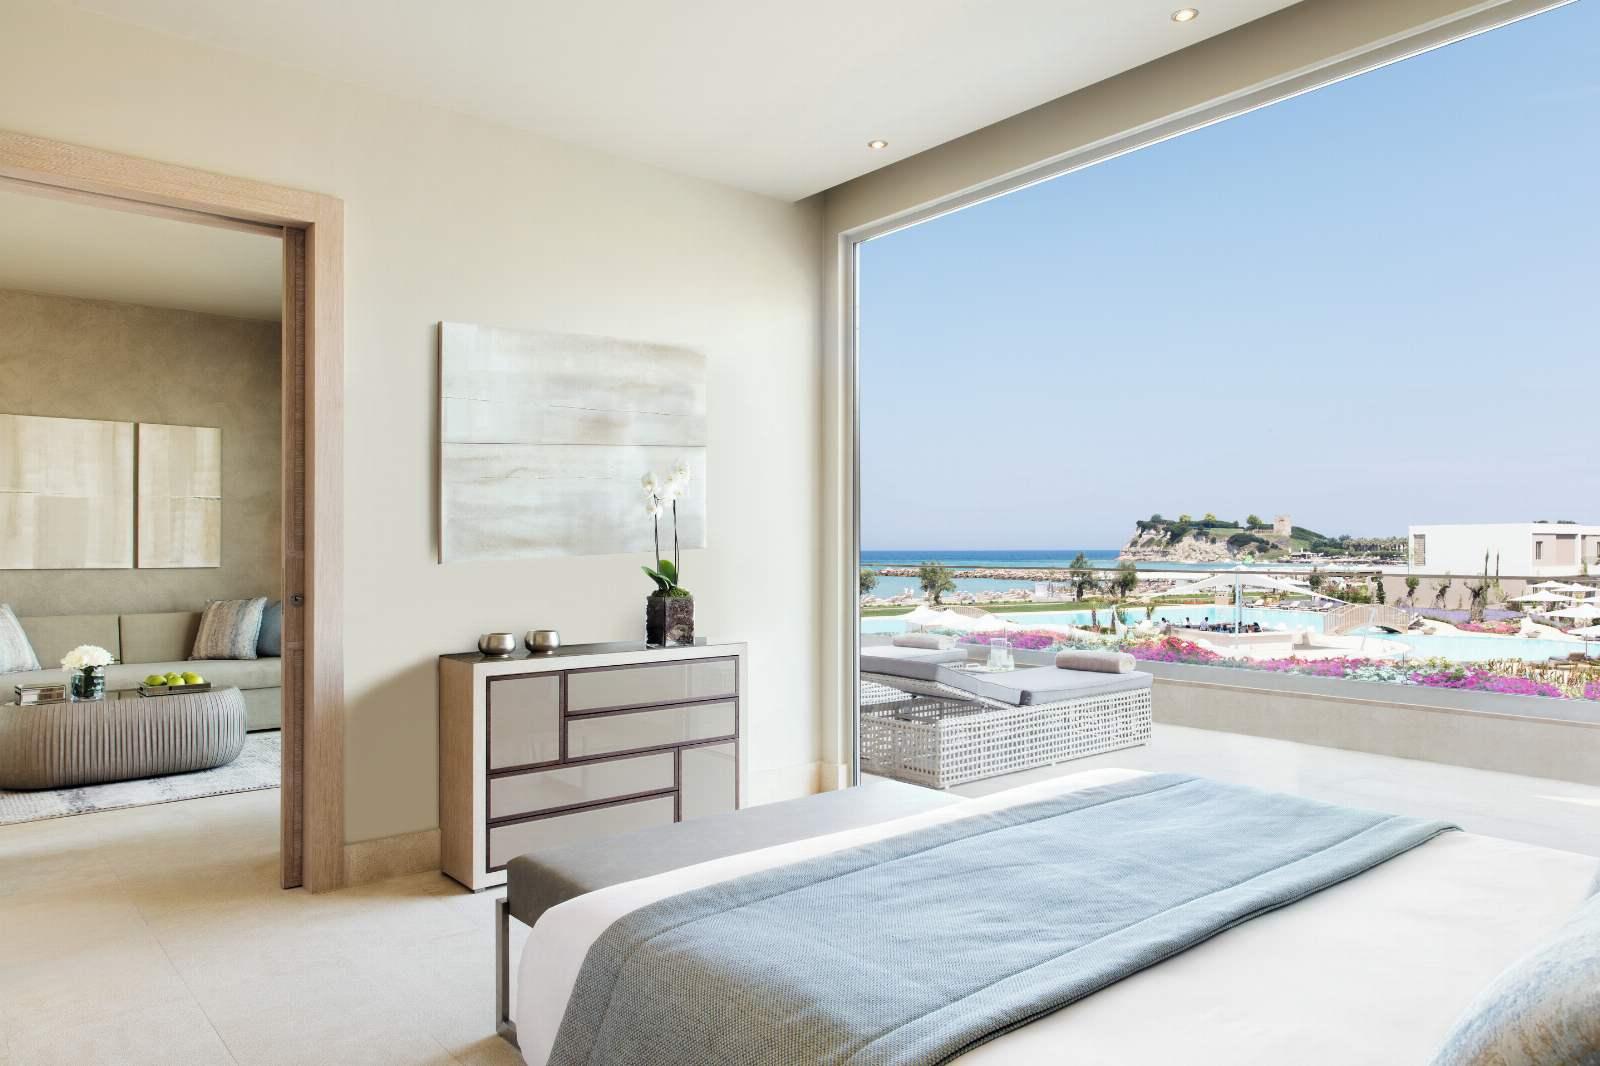 Sani Dunes Deluxe One Bedroom Suite Grand Balcony